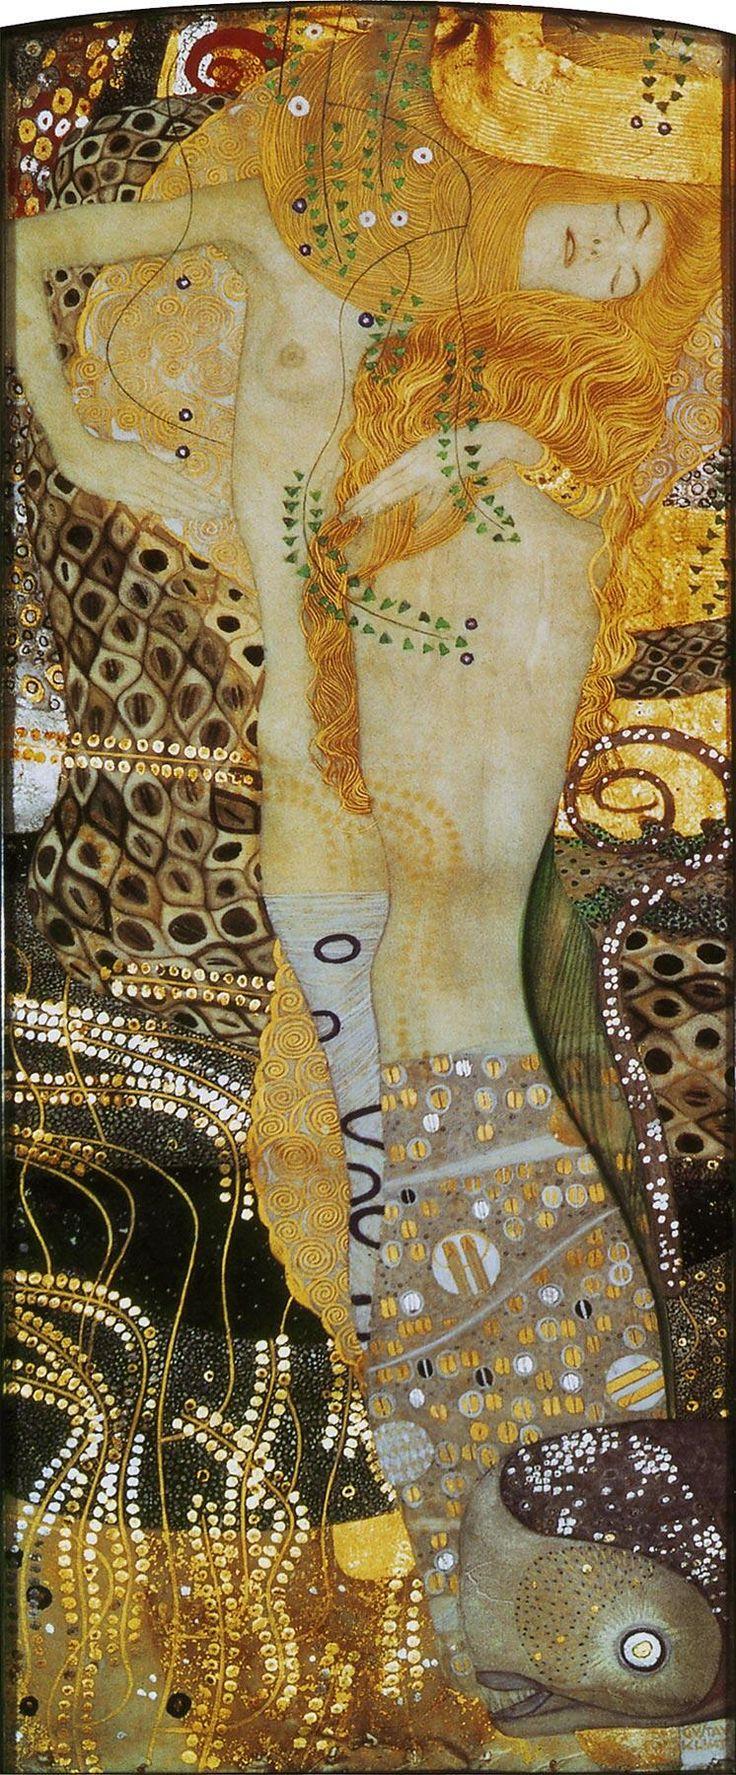 グスタフ・クリムト『水蛇Ⅰ』(1904-1907) Gustac Klimt - Wasserschlangen I #ウィーン分離派